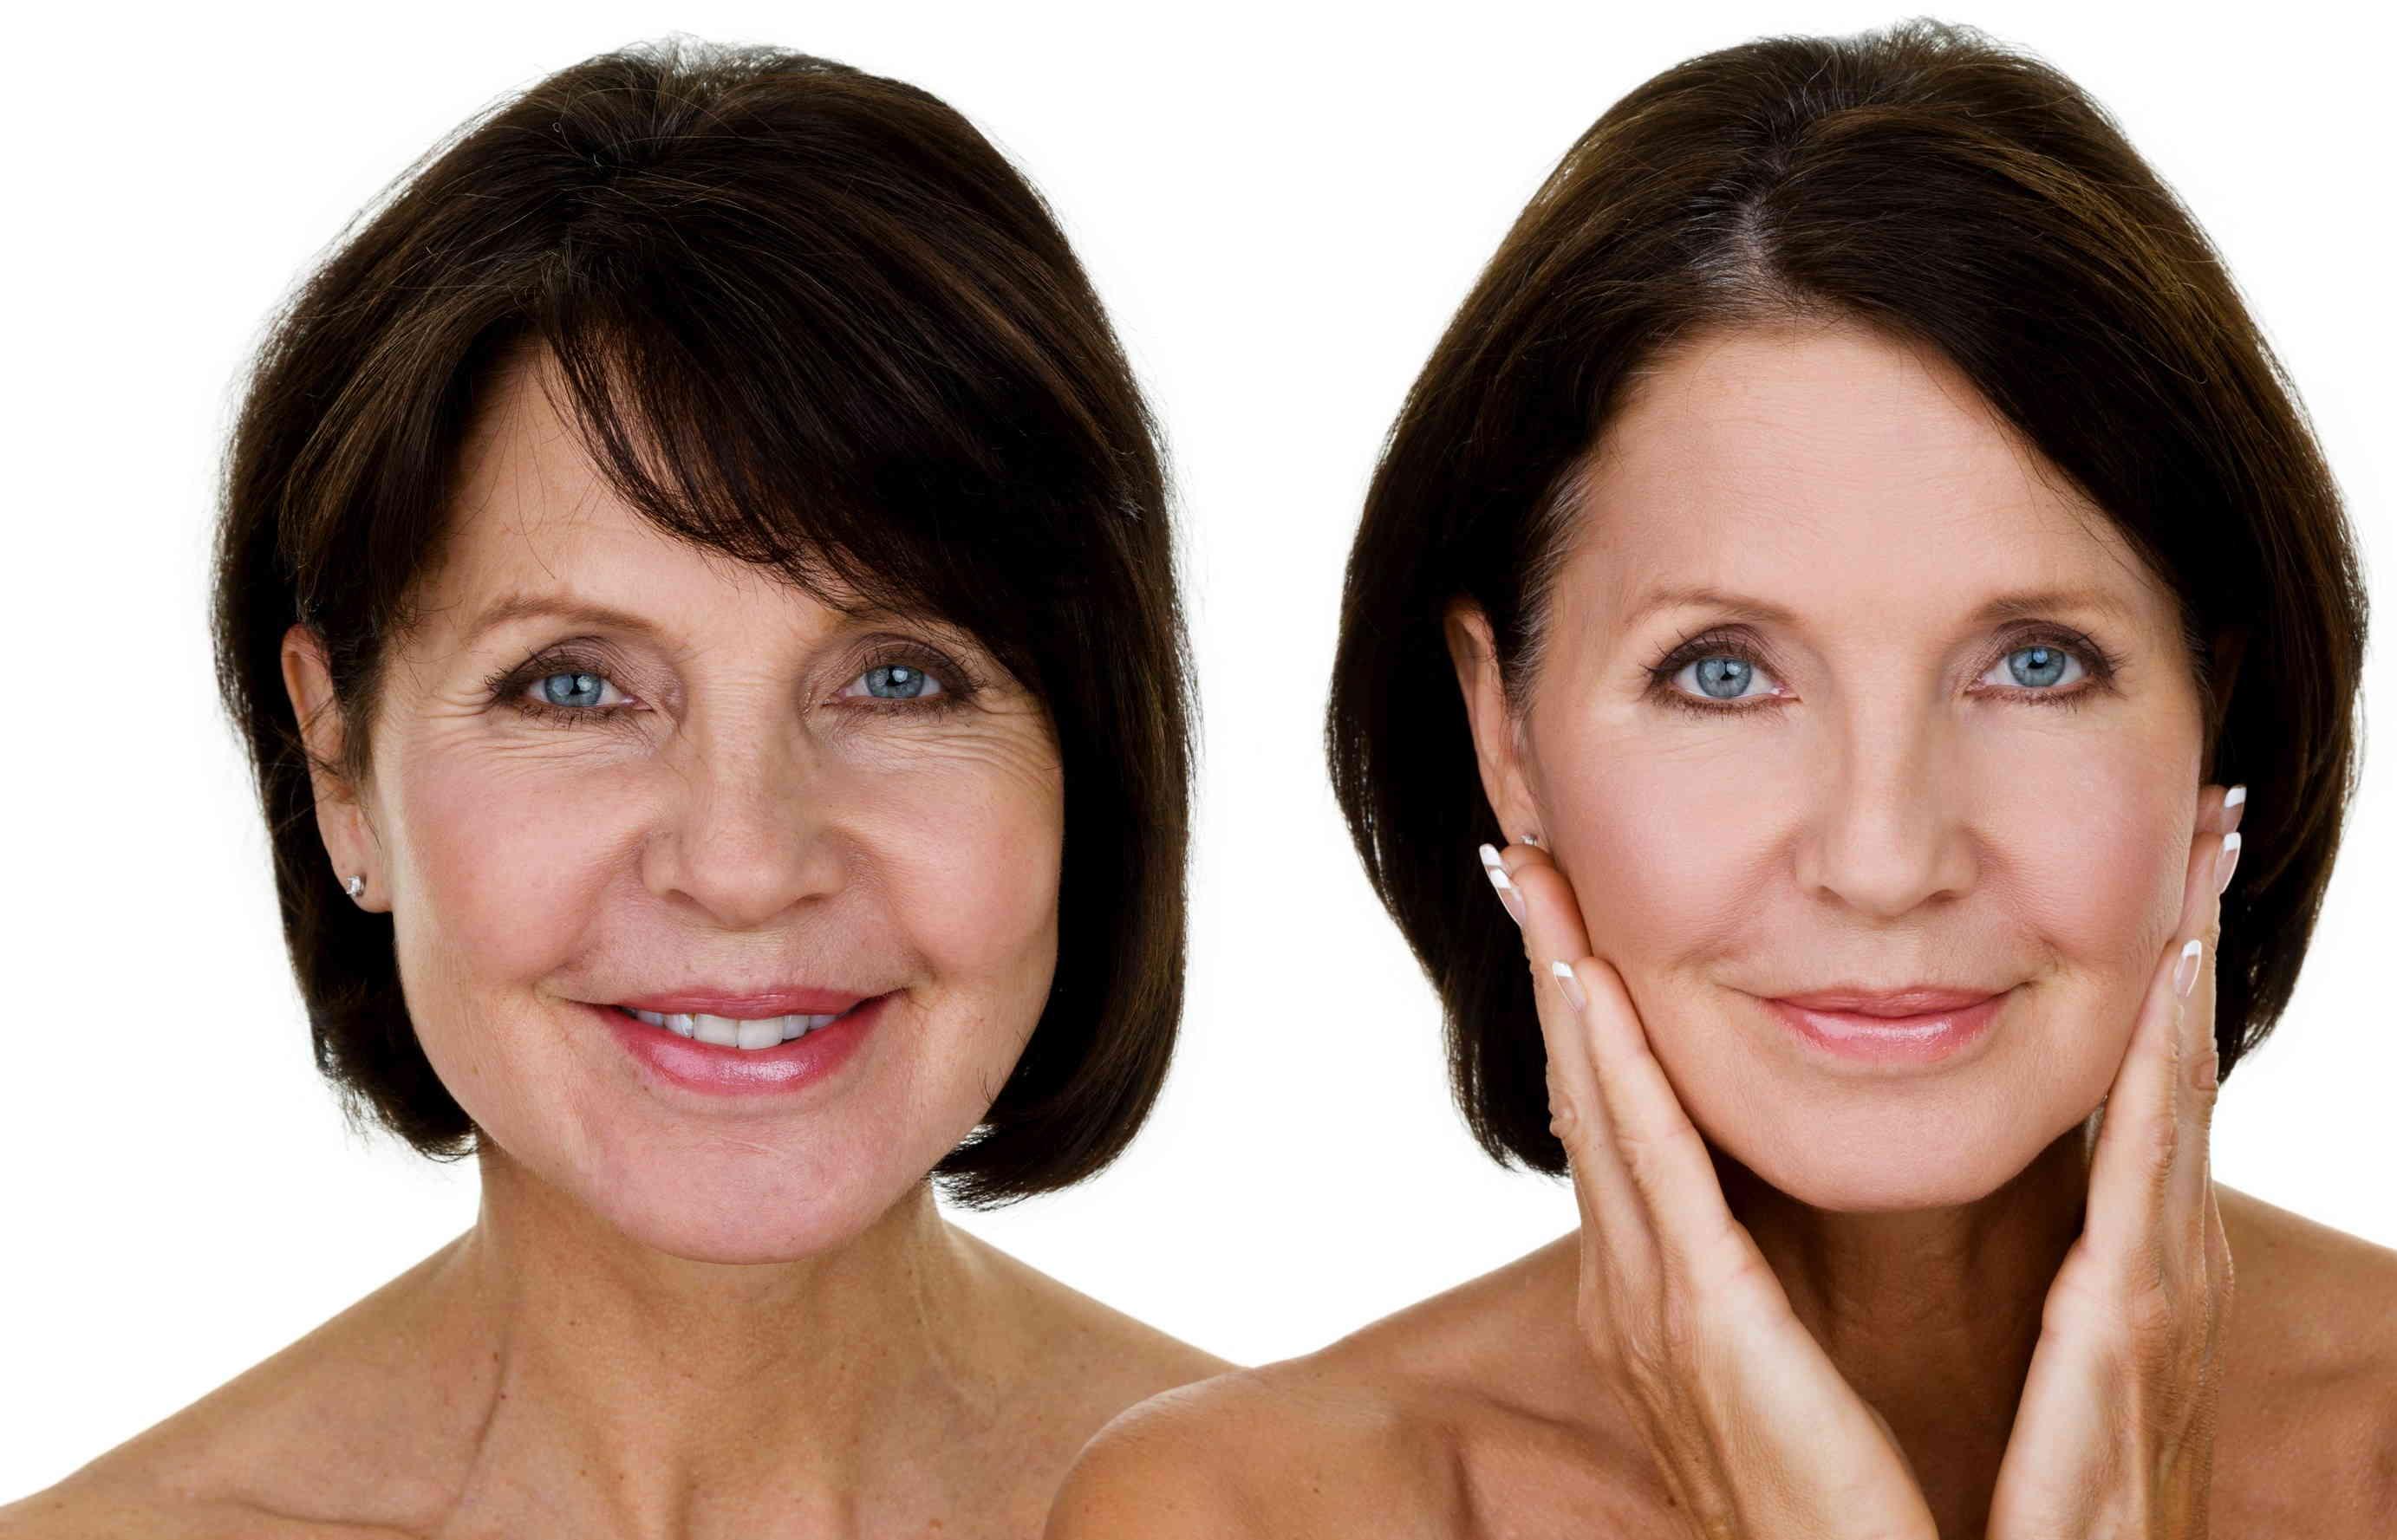 Как выглядеть моложе своих лет и прожить дольше с красивым телом после 40, 50 и даже 60 лет